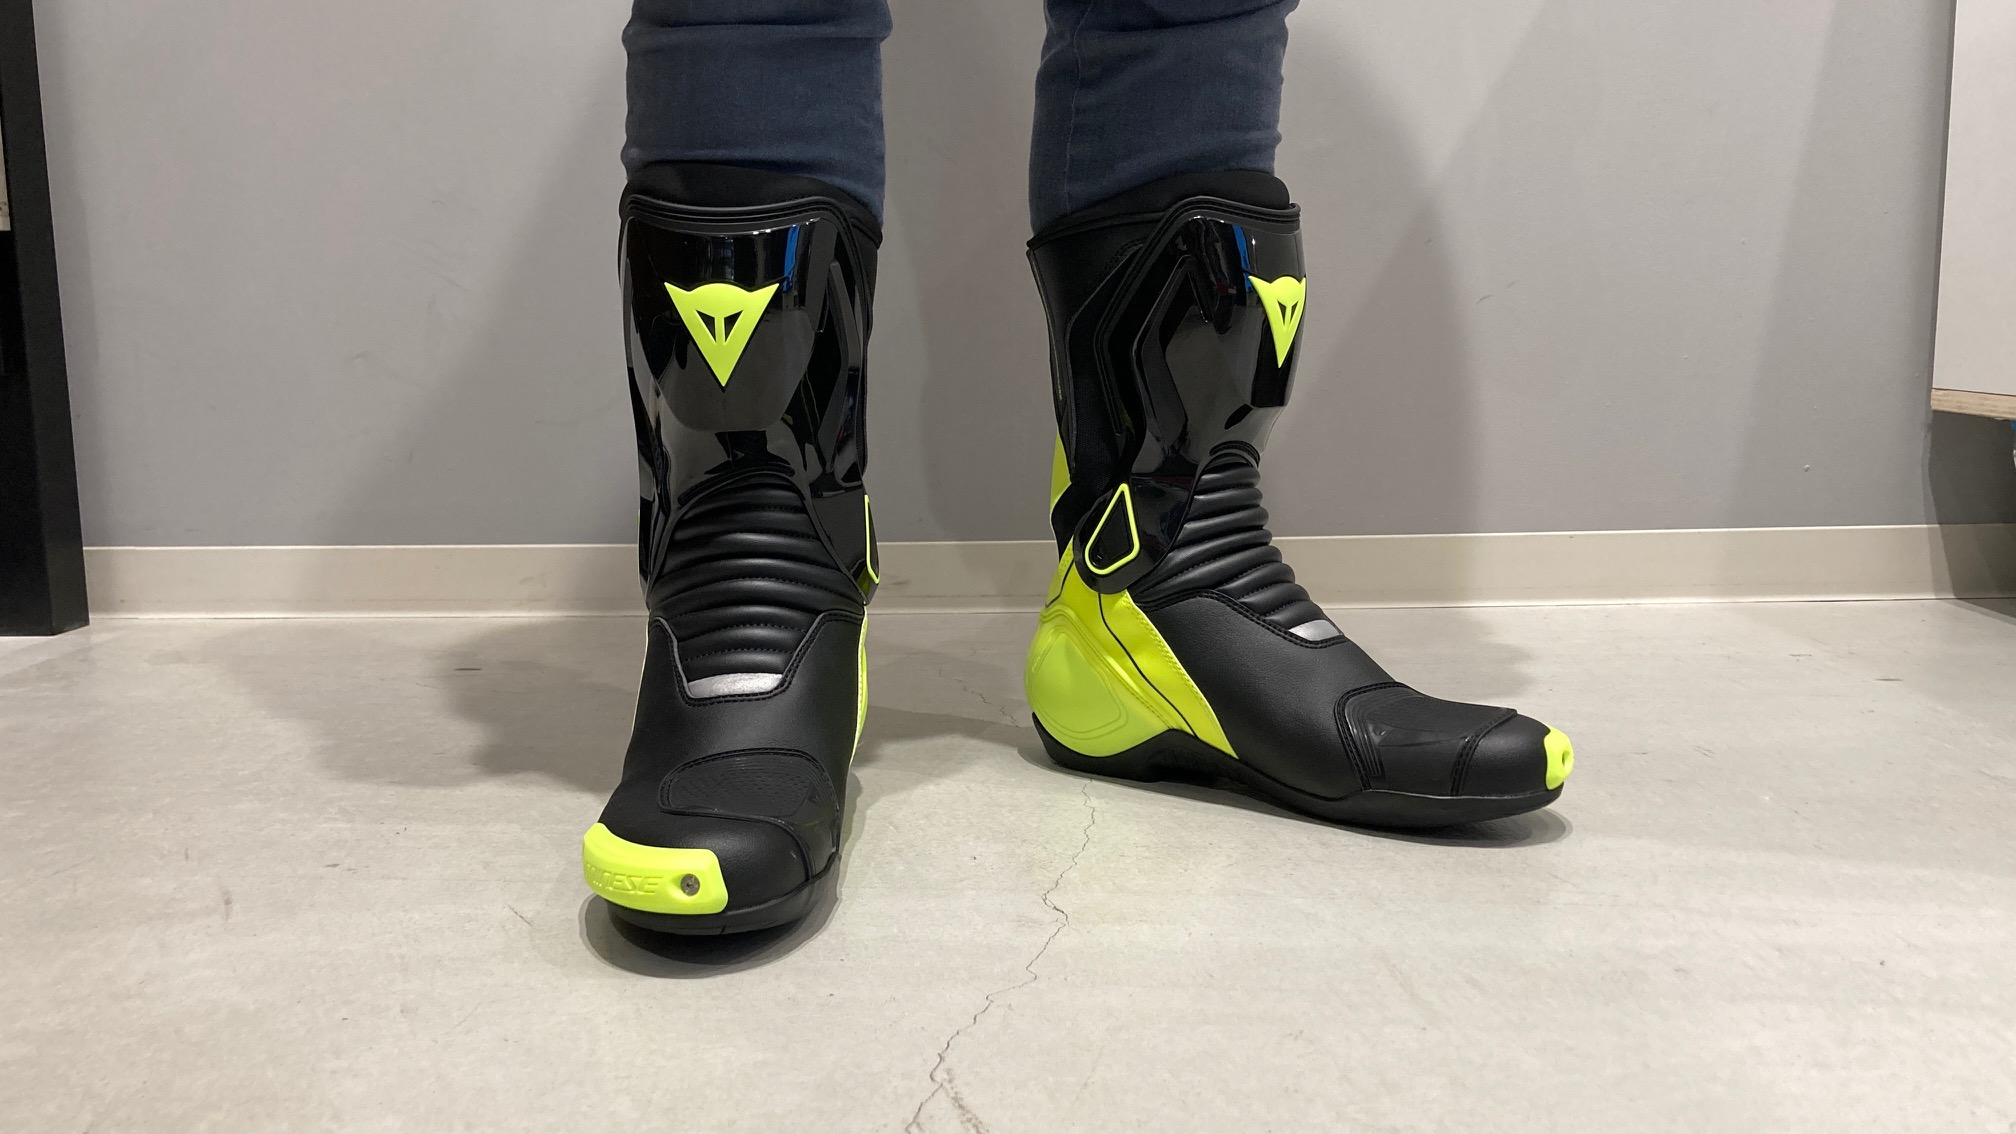 ツーリングにお勧めな防水ブーツ NEXUS 2 D-WP BOOTS